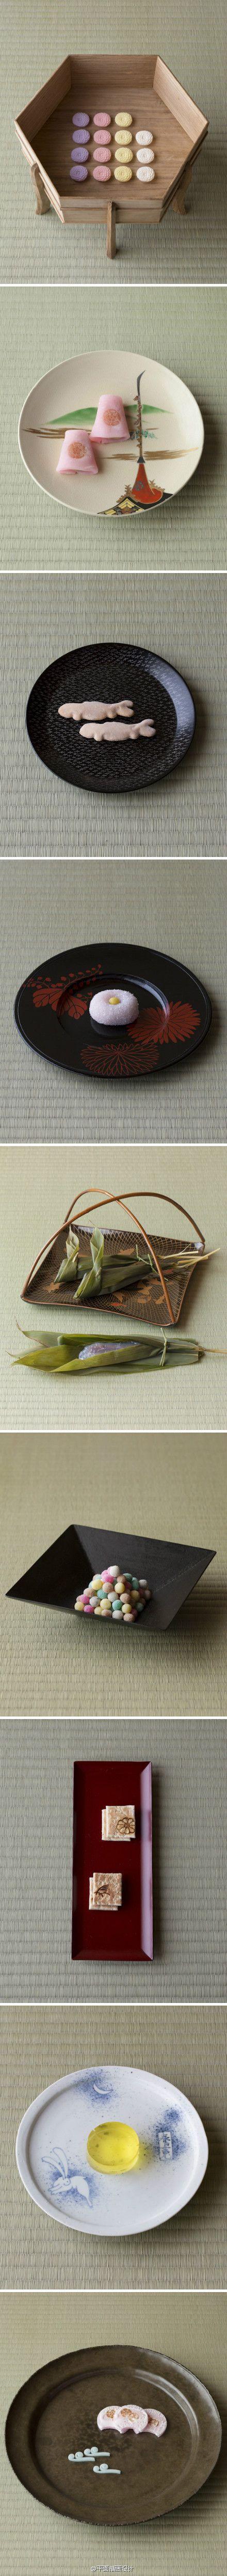 """木村宗慎:一日一叶—— 茶道有着诸多形式与约束,木村尝试符号化的试验,在体验传统茶道时开始一期一会的茶会。茶会的印象因茶室的氛围而变,其中叶子亦会由承载的器皿而左右茶室的表情。茶会的准备是""""选择""""的开始,选适宜的叶子,择相应的器皿,同为生命结缘相遇,一期一会而感知最美的一瞬 ——"""